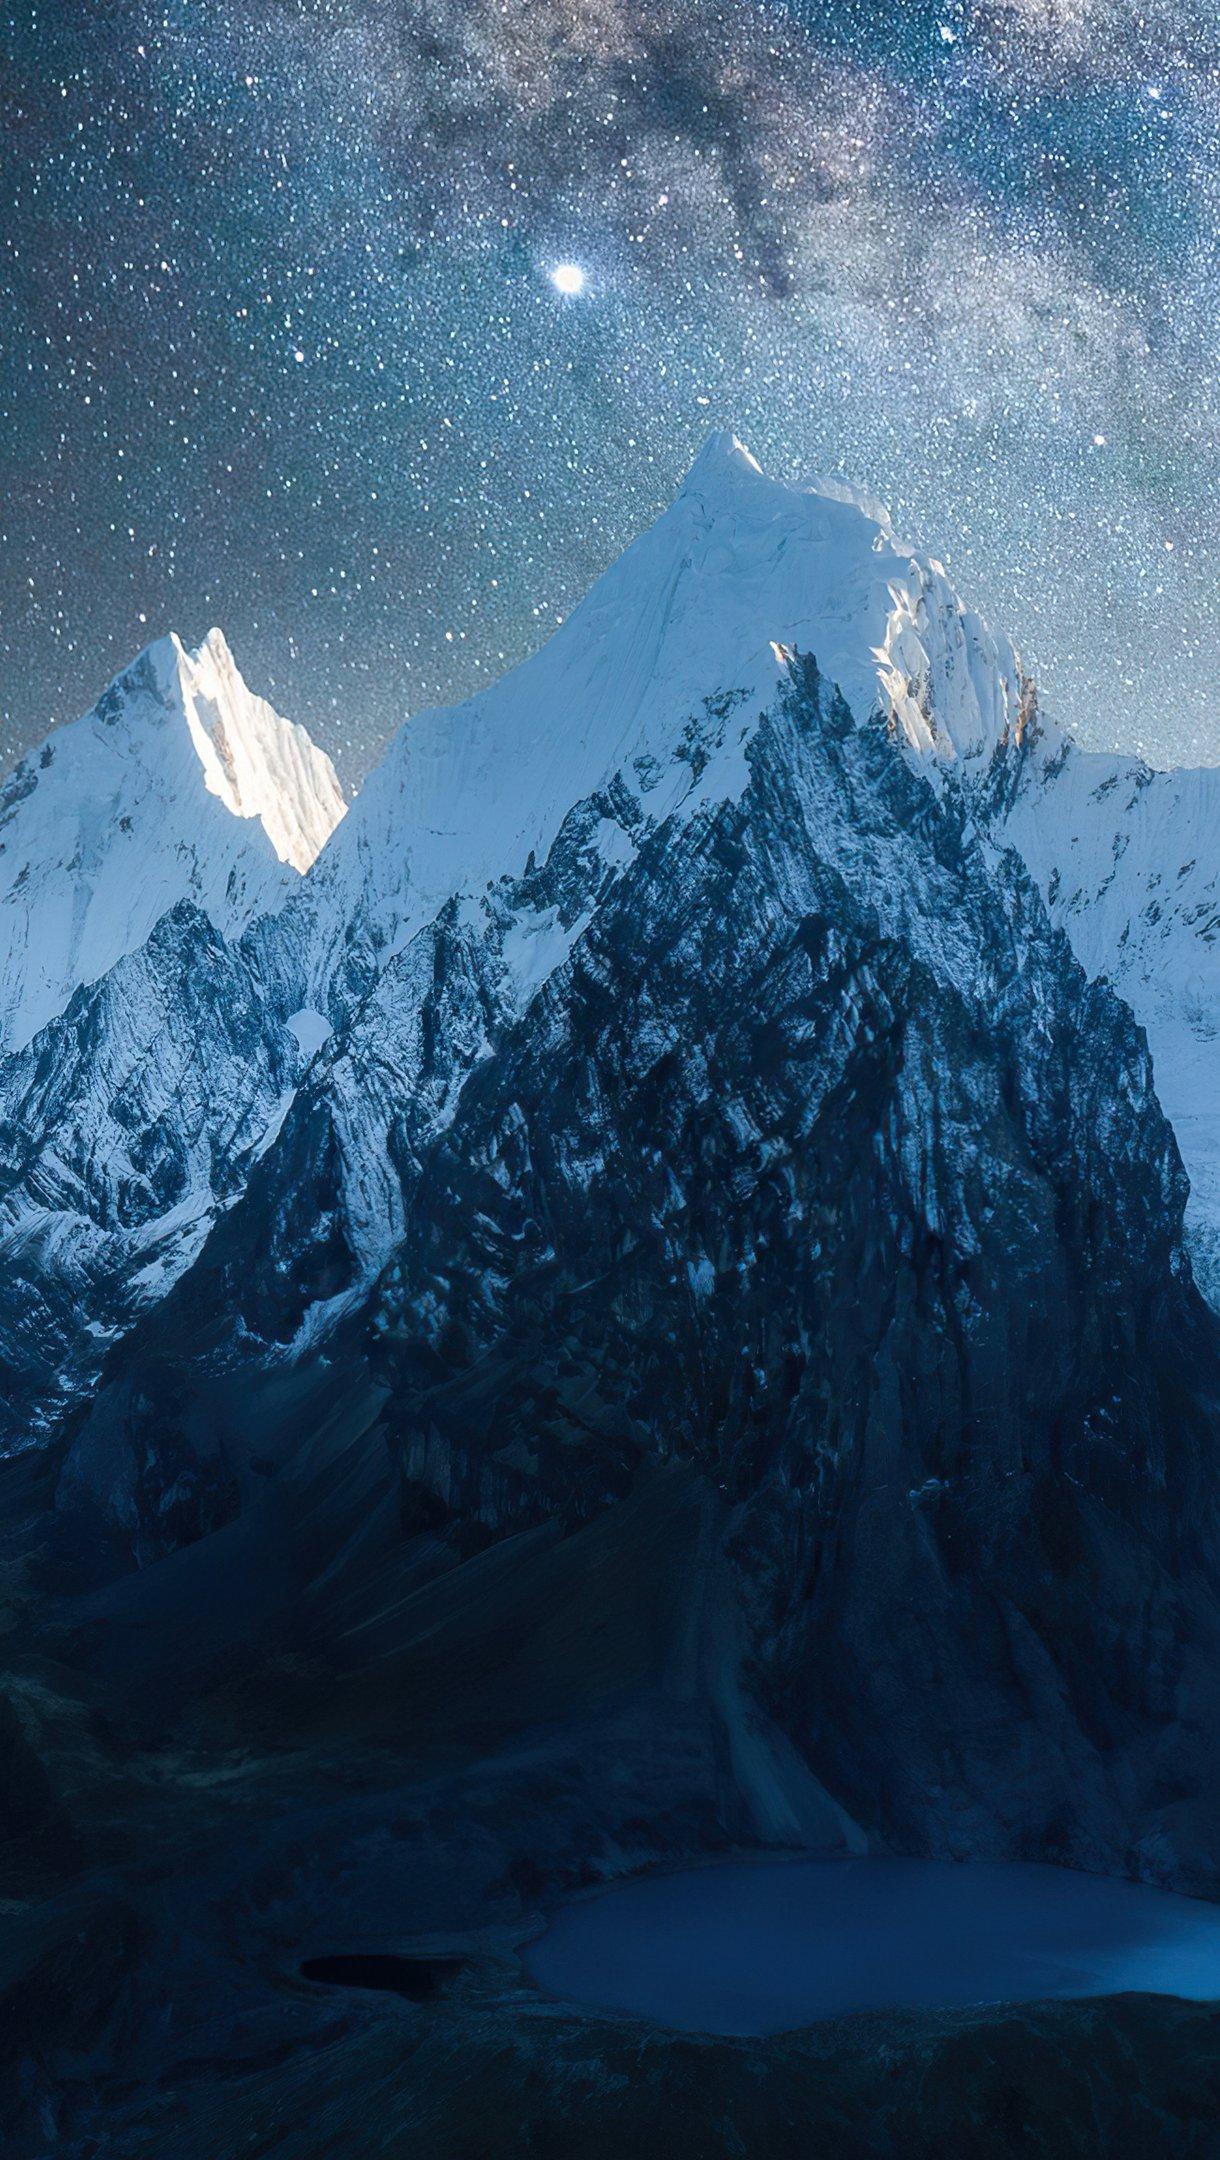 Fondos de pantalla Montañas llenas de nieve bajo las estrellas Vertical